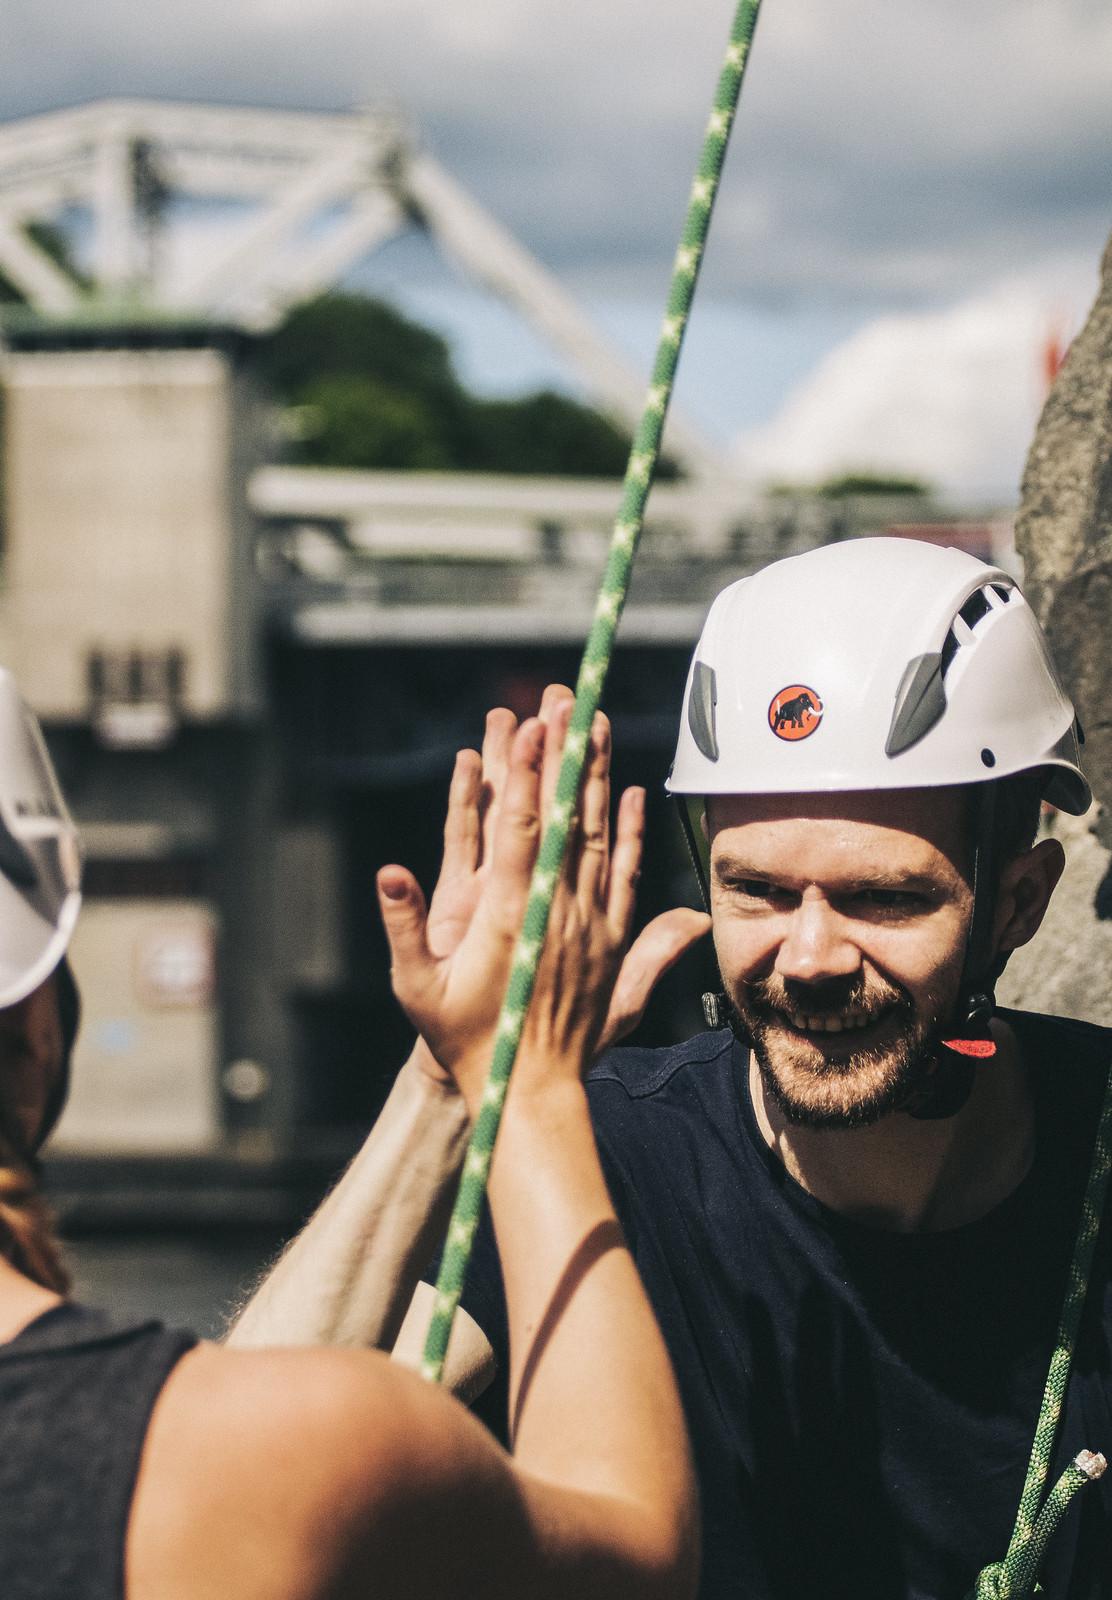 klättring i danvikstull